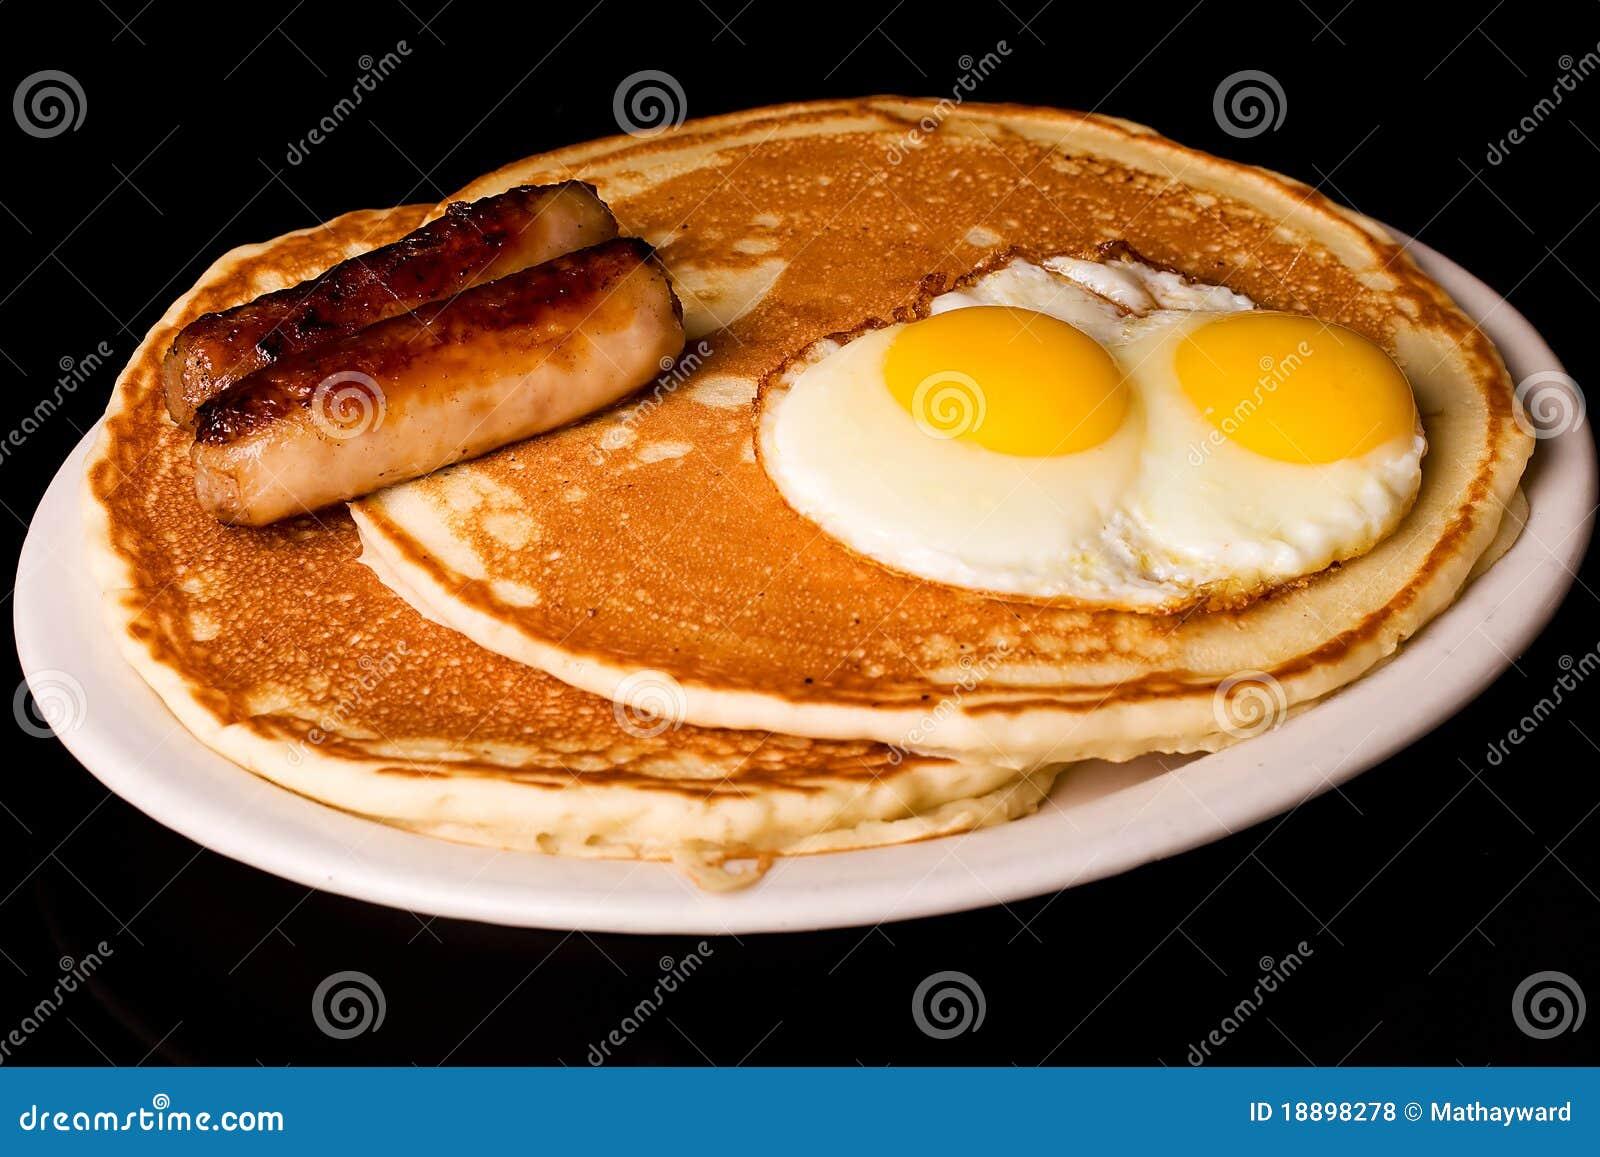 Pancake Breakfast Royalty Free Stock Photos - Image: 18898278